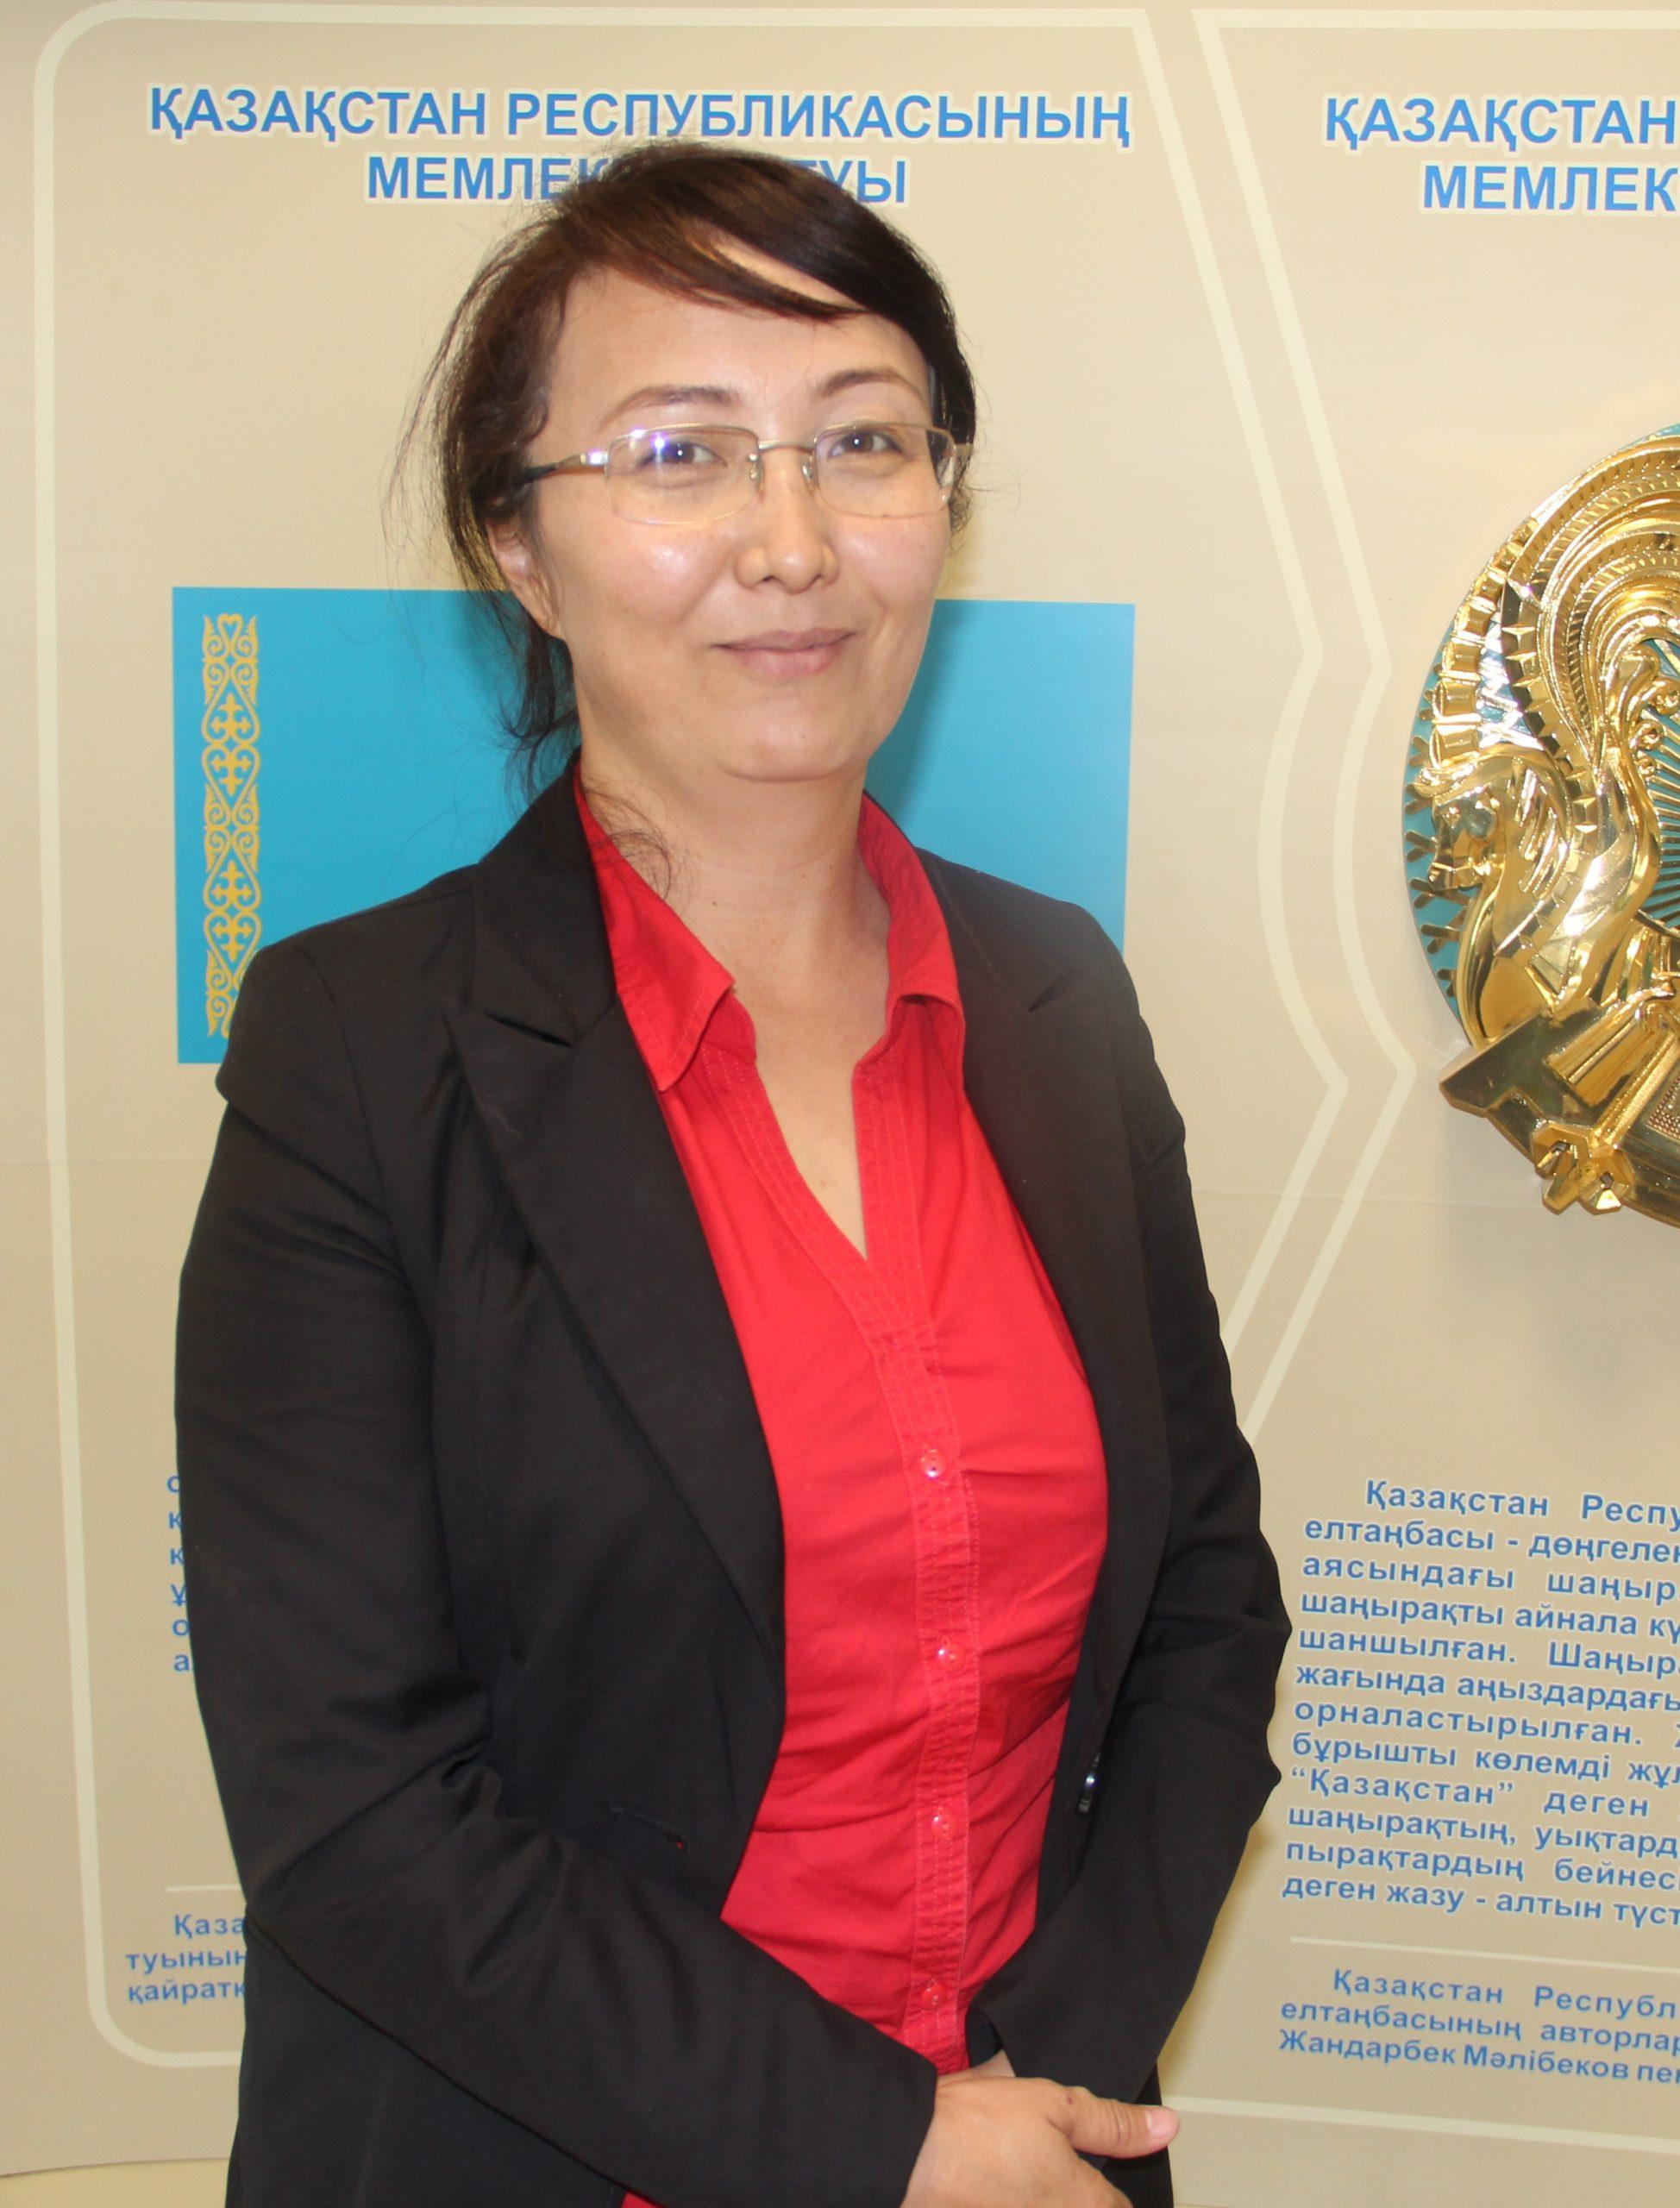 Ахмедина Махаббат Тохтарбековна